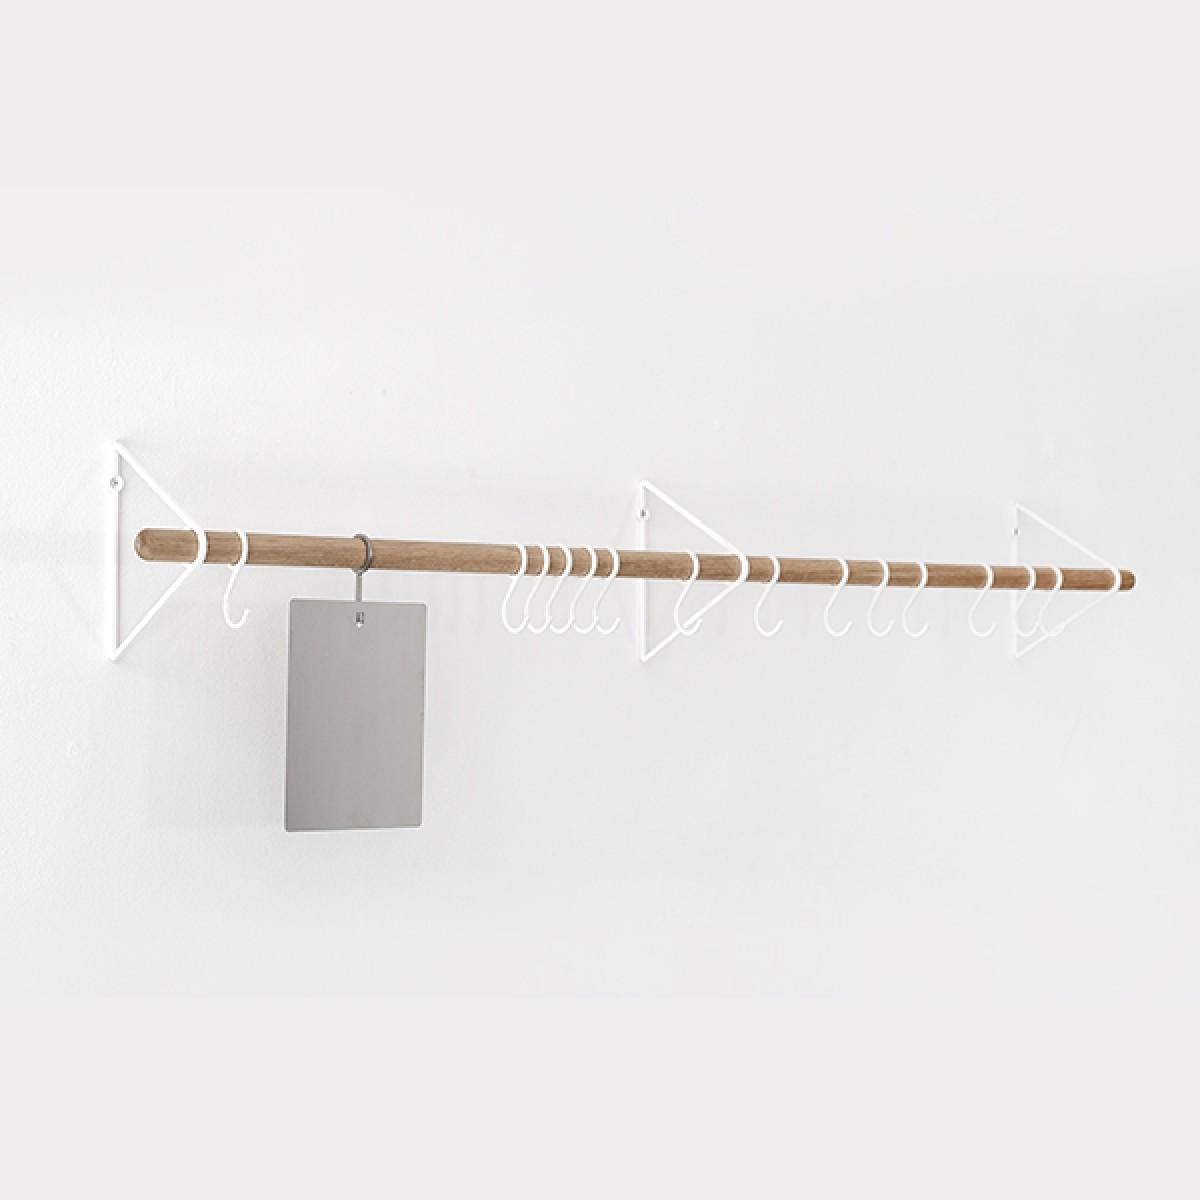 SOLID Flurgarderobe in Weiß mit weißen Haken | Result Objects